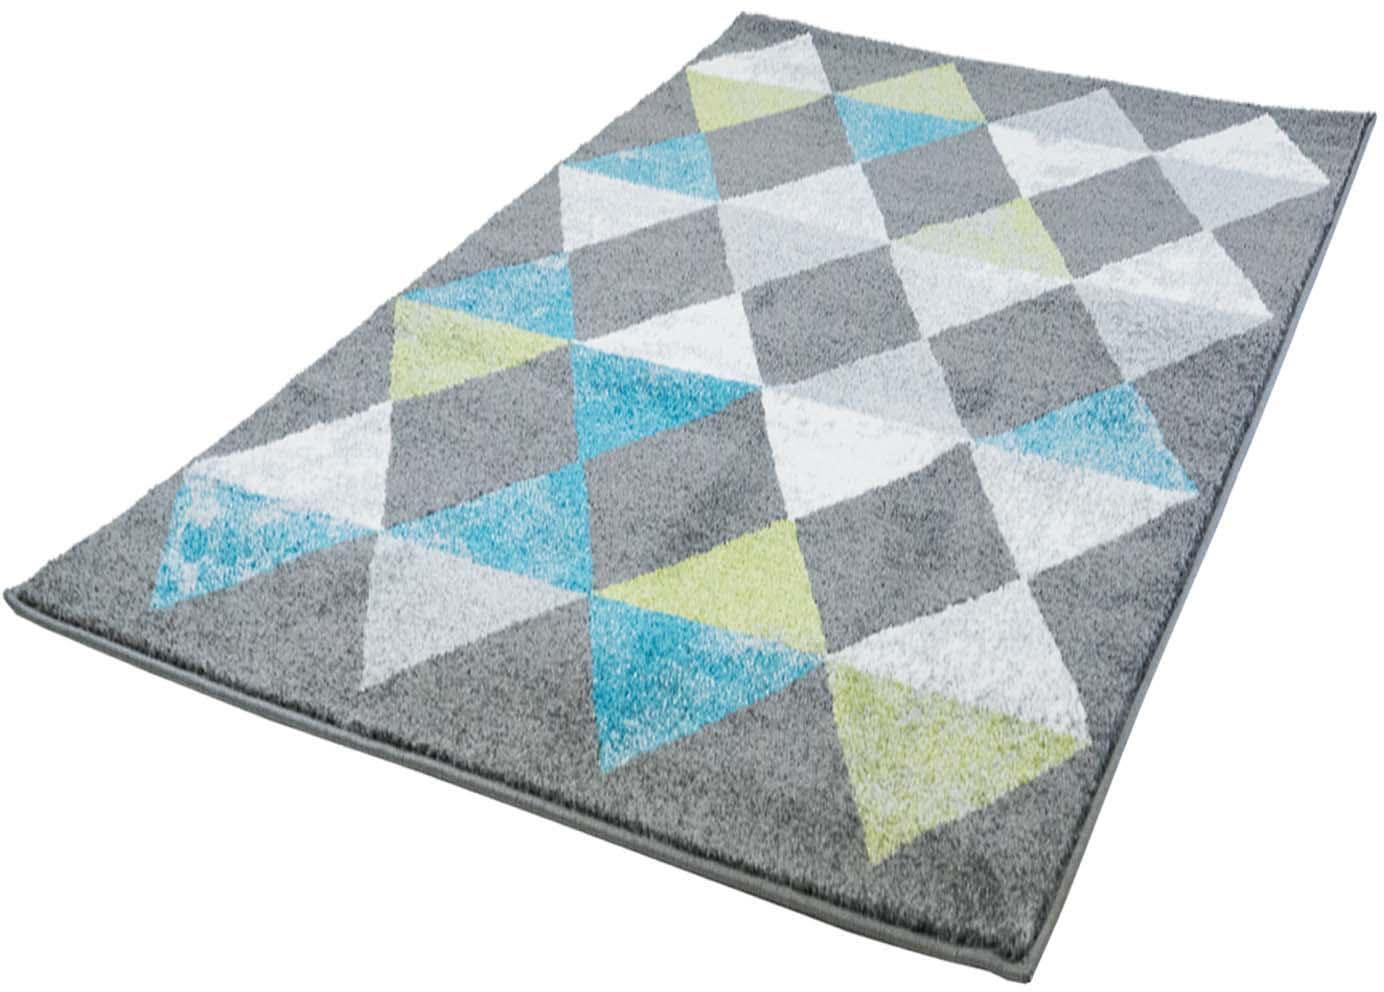 Teppich Moda 1530 Carpet City rechteckig Höhe 11 mm maschinell gewebt